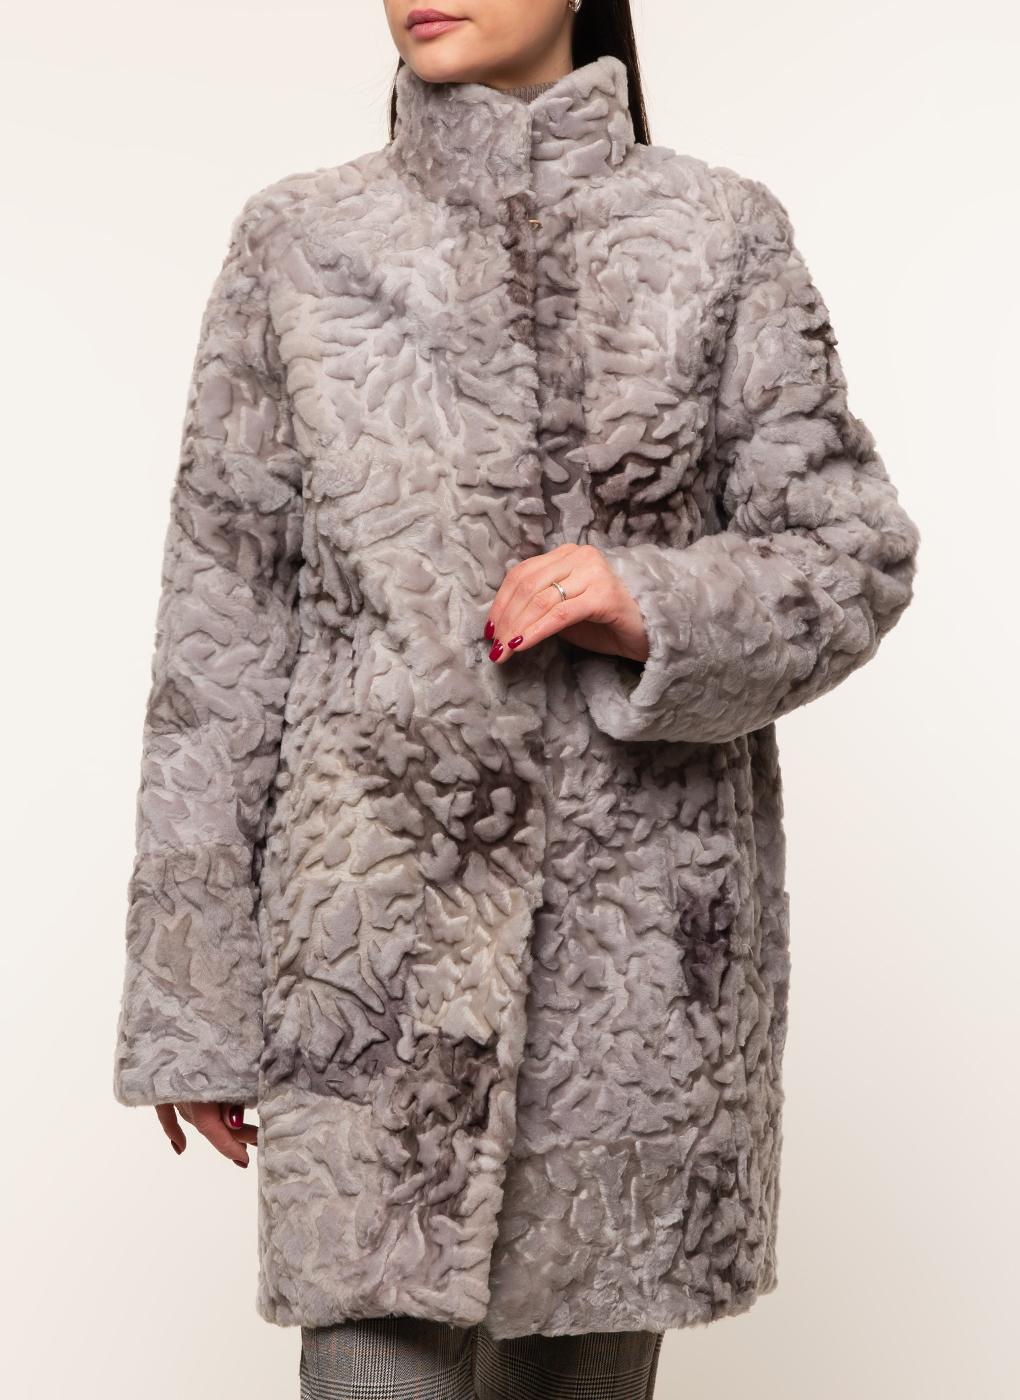 Пальто из овчины 10, Dzhanbekoff фото